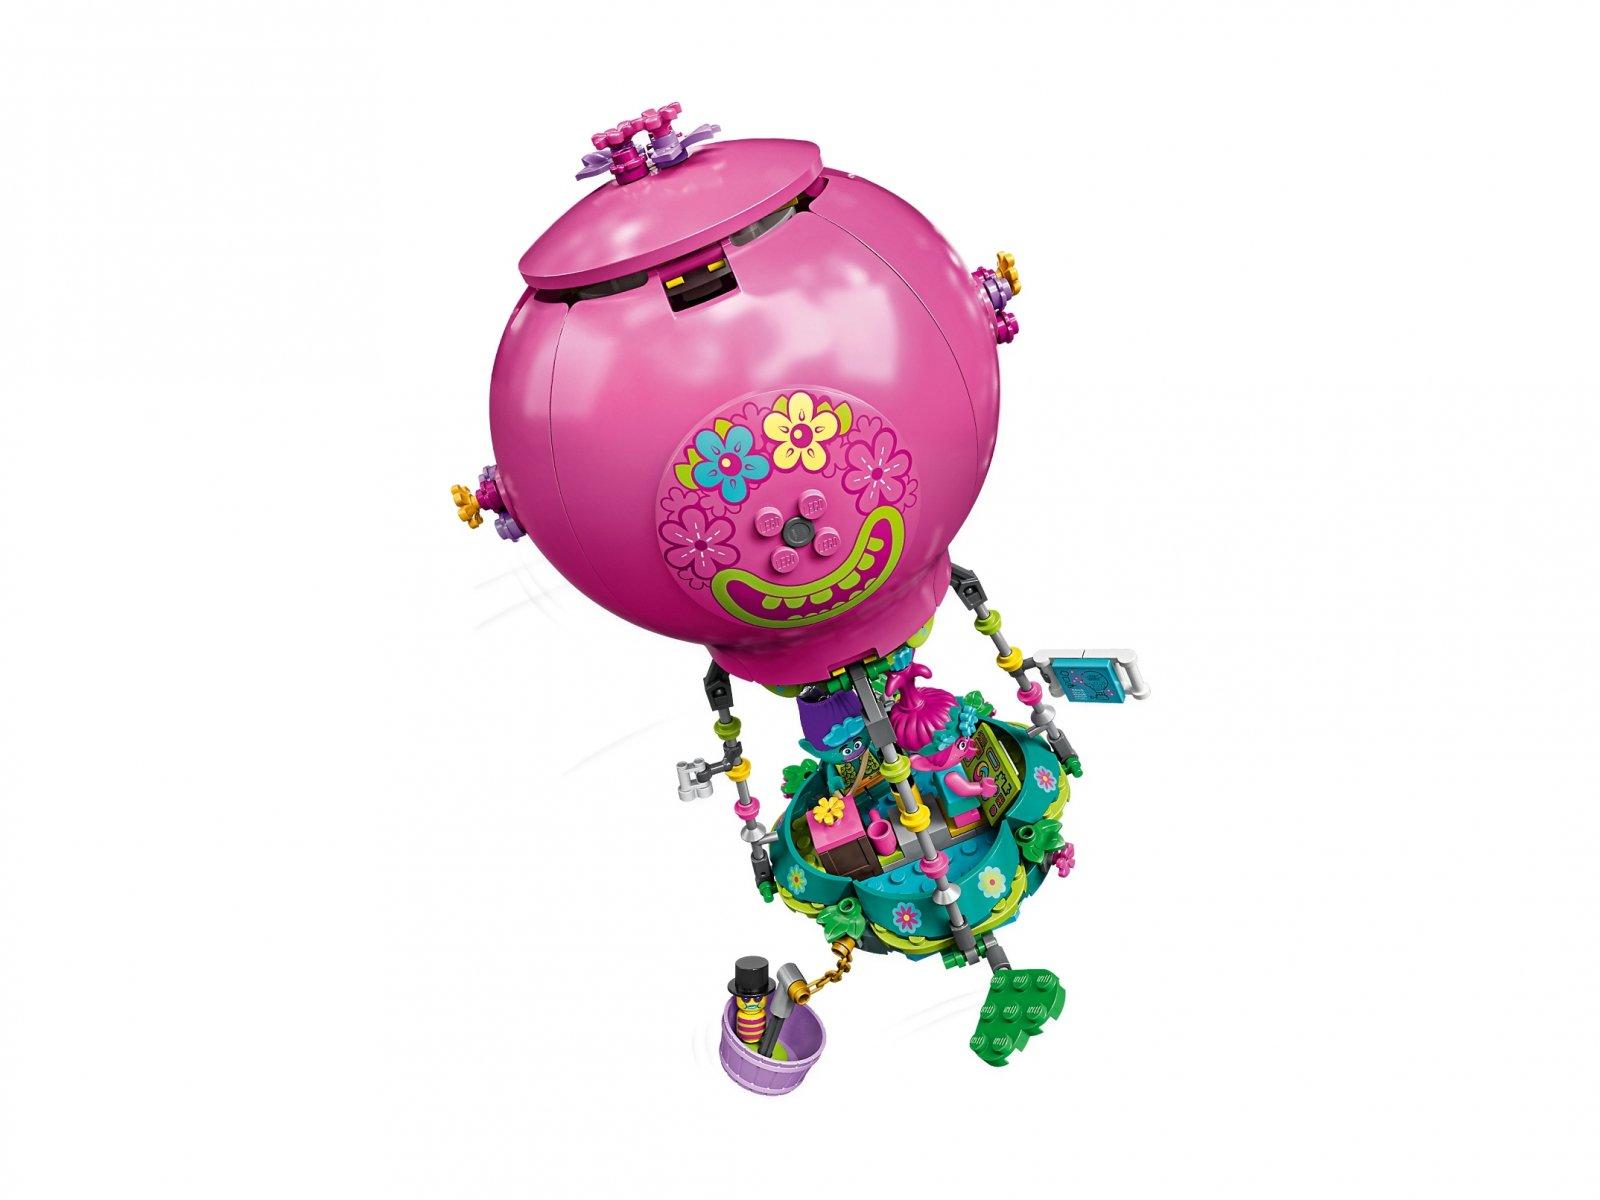 LEGO Trolls World Tour 41252 Przygoda Poppy w balonie